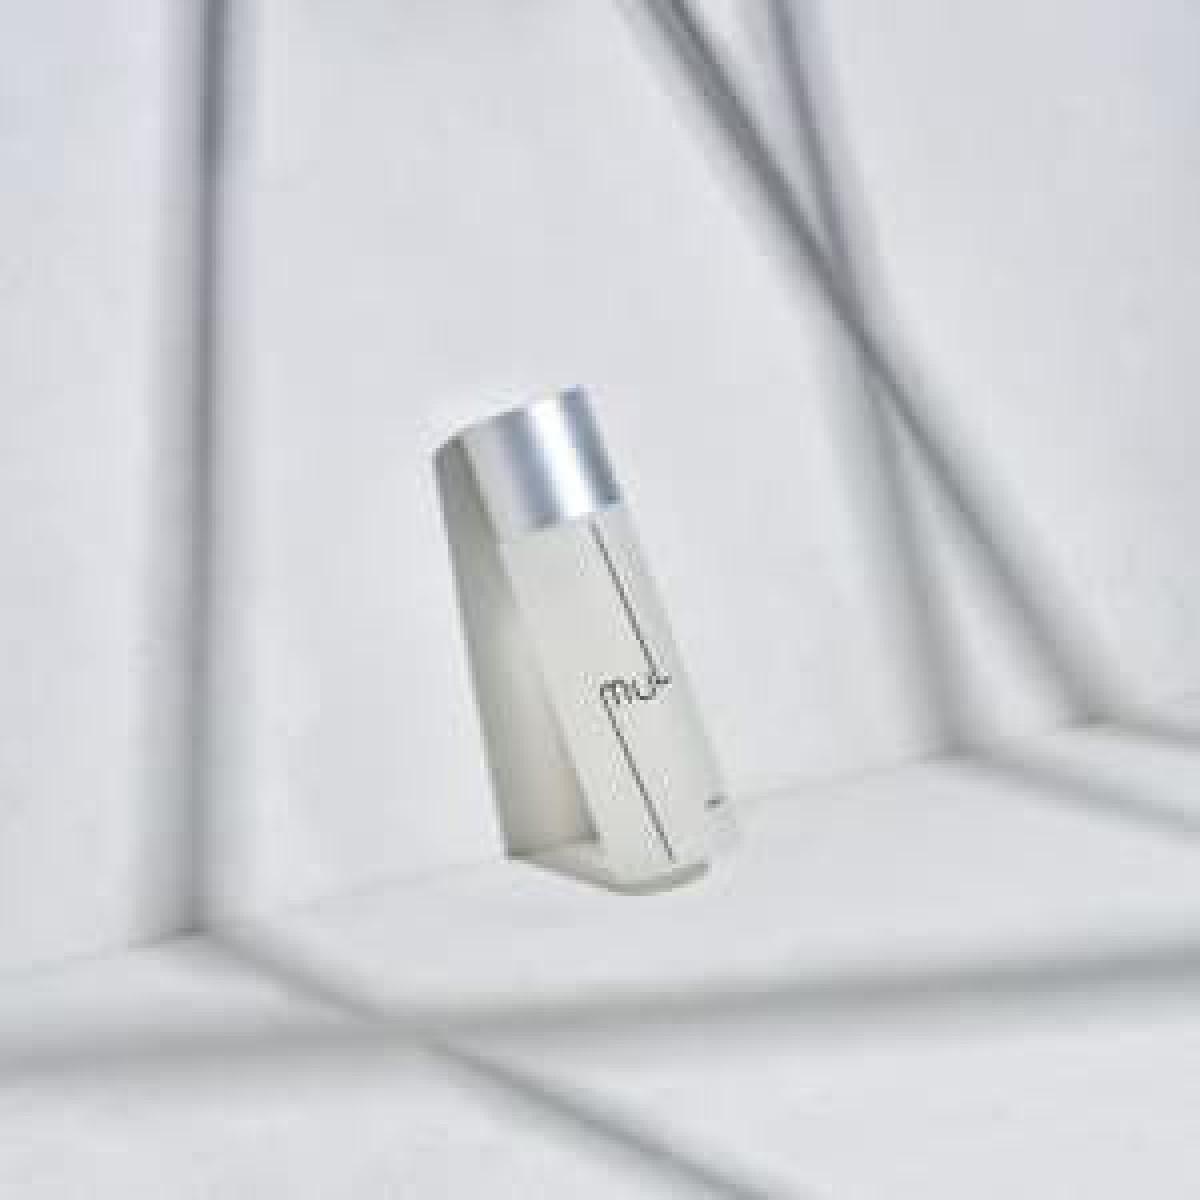 モデルの小室安未によるスキンケアブランドがデビュー、保湿と肌荒れケアを両立した化粧水を発売